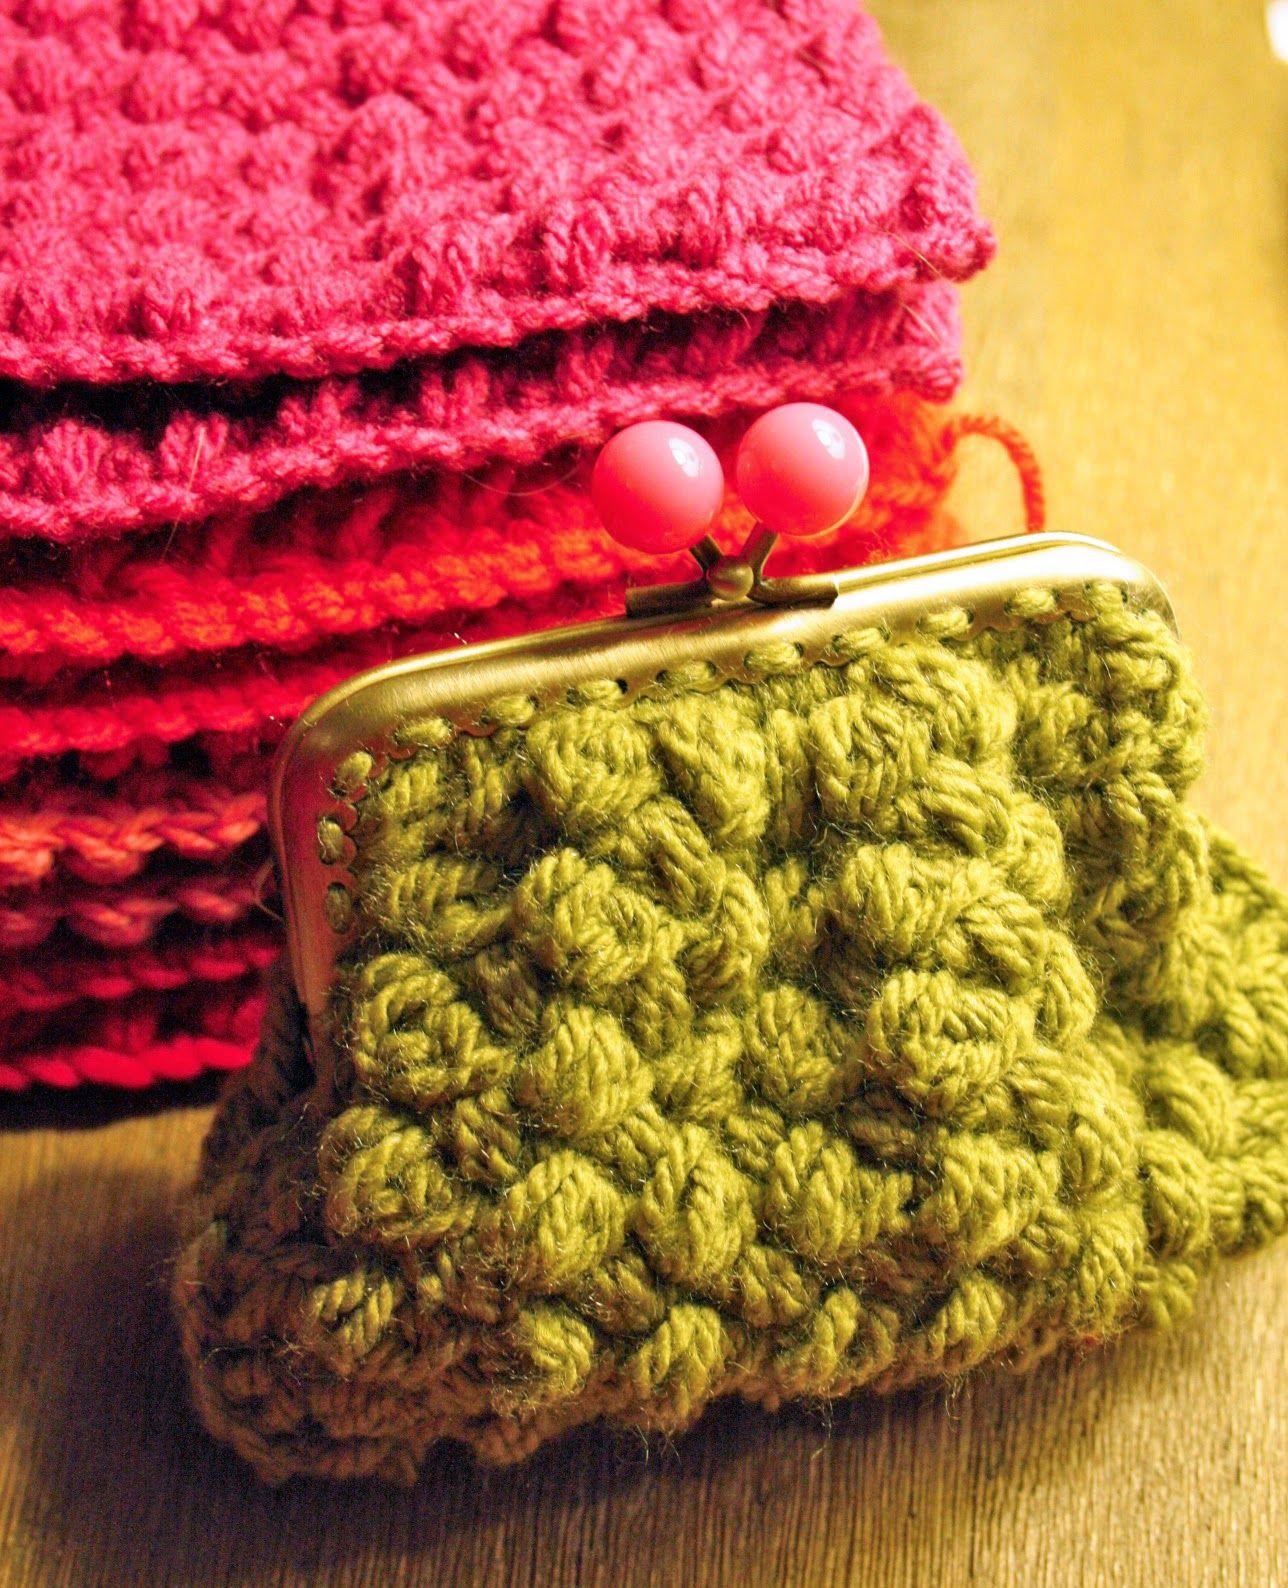 ponnekeblom: romantisch kniptasje | haken - zakjes en zo | Pinterest ...